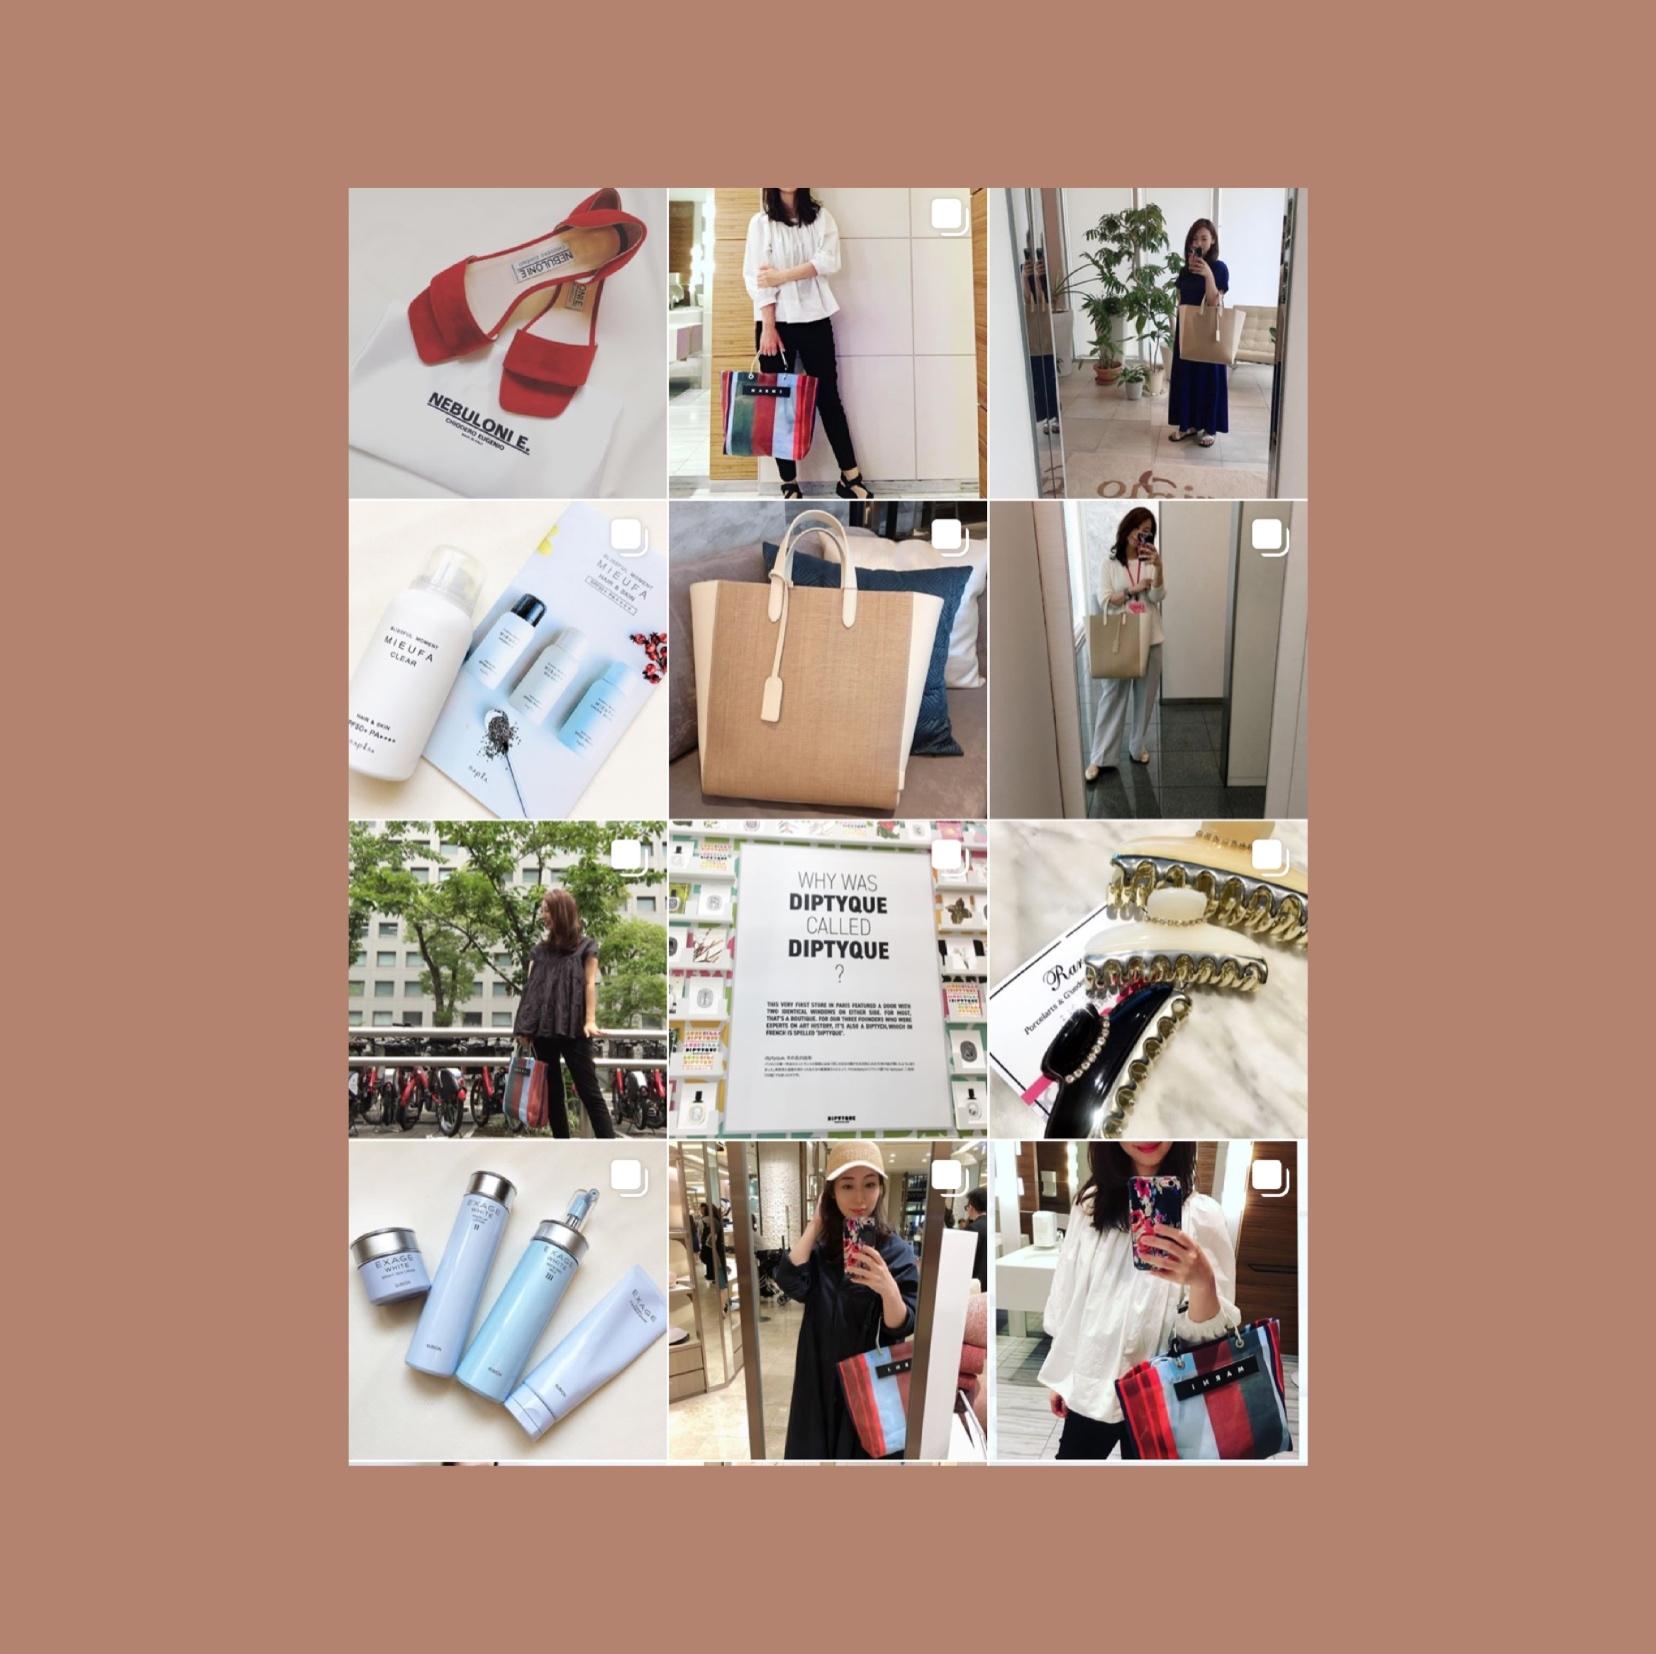 【2020春靴】Marisol的春靴news マストバイ図鑑から選ぶ春靴_1_6